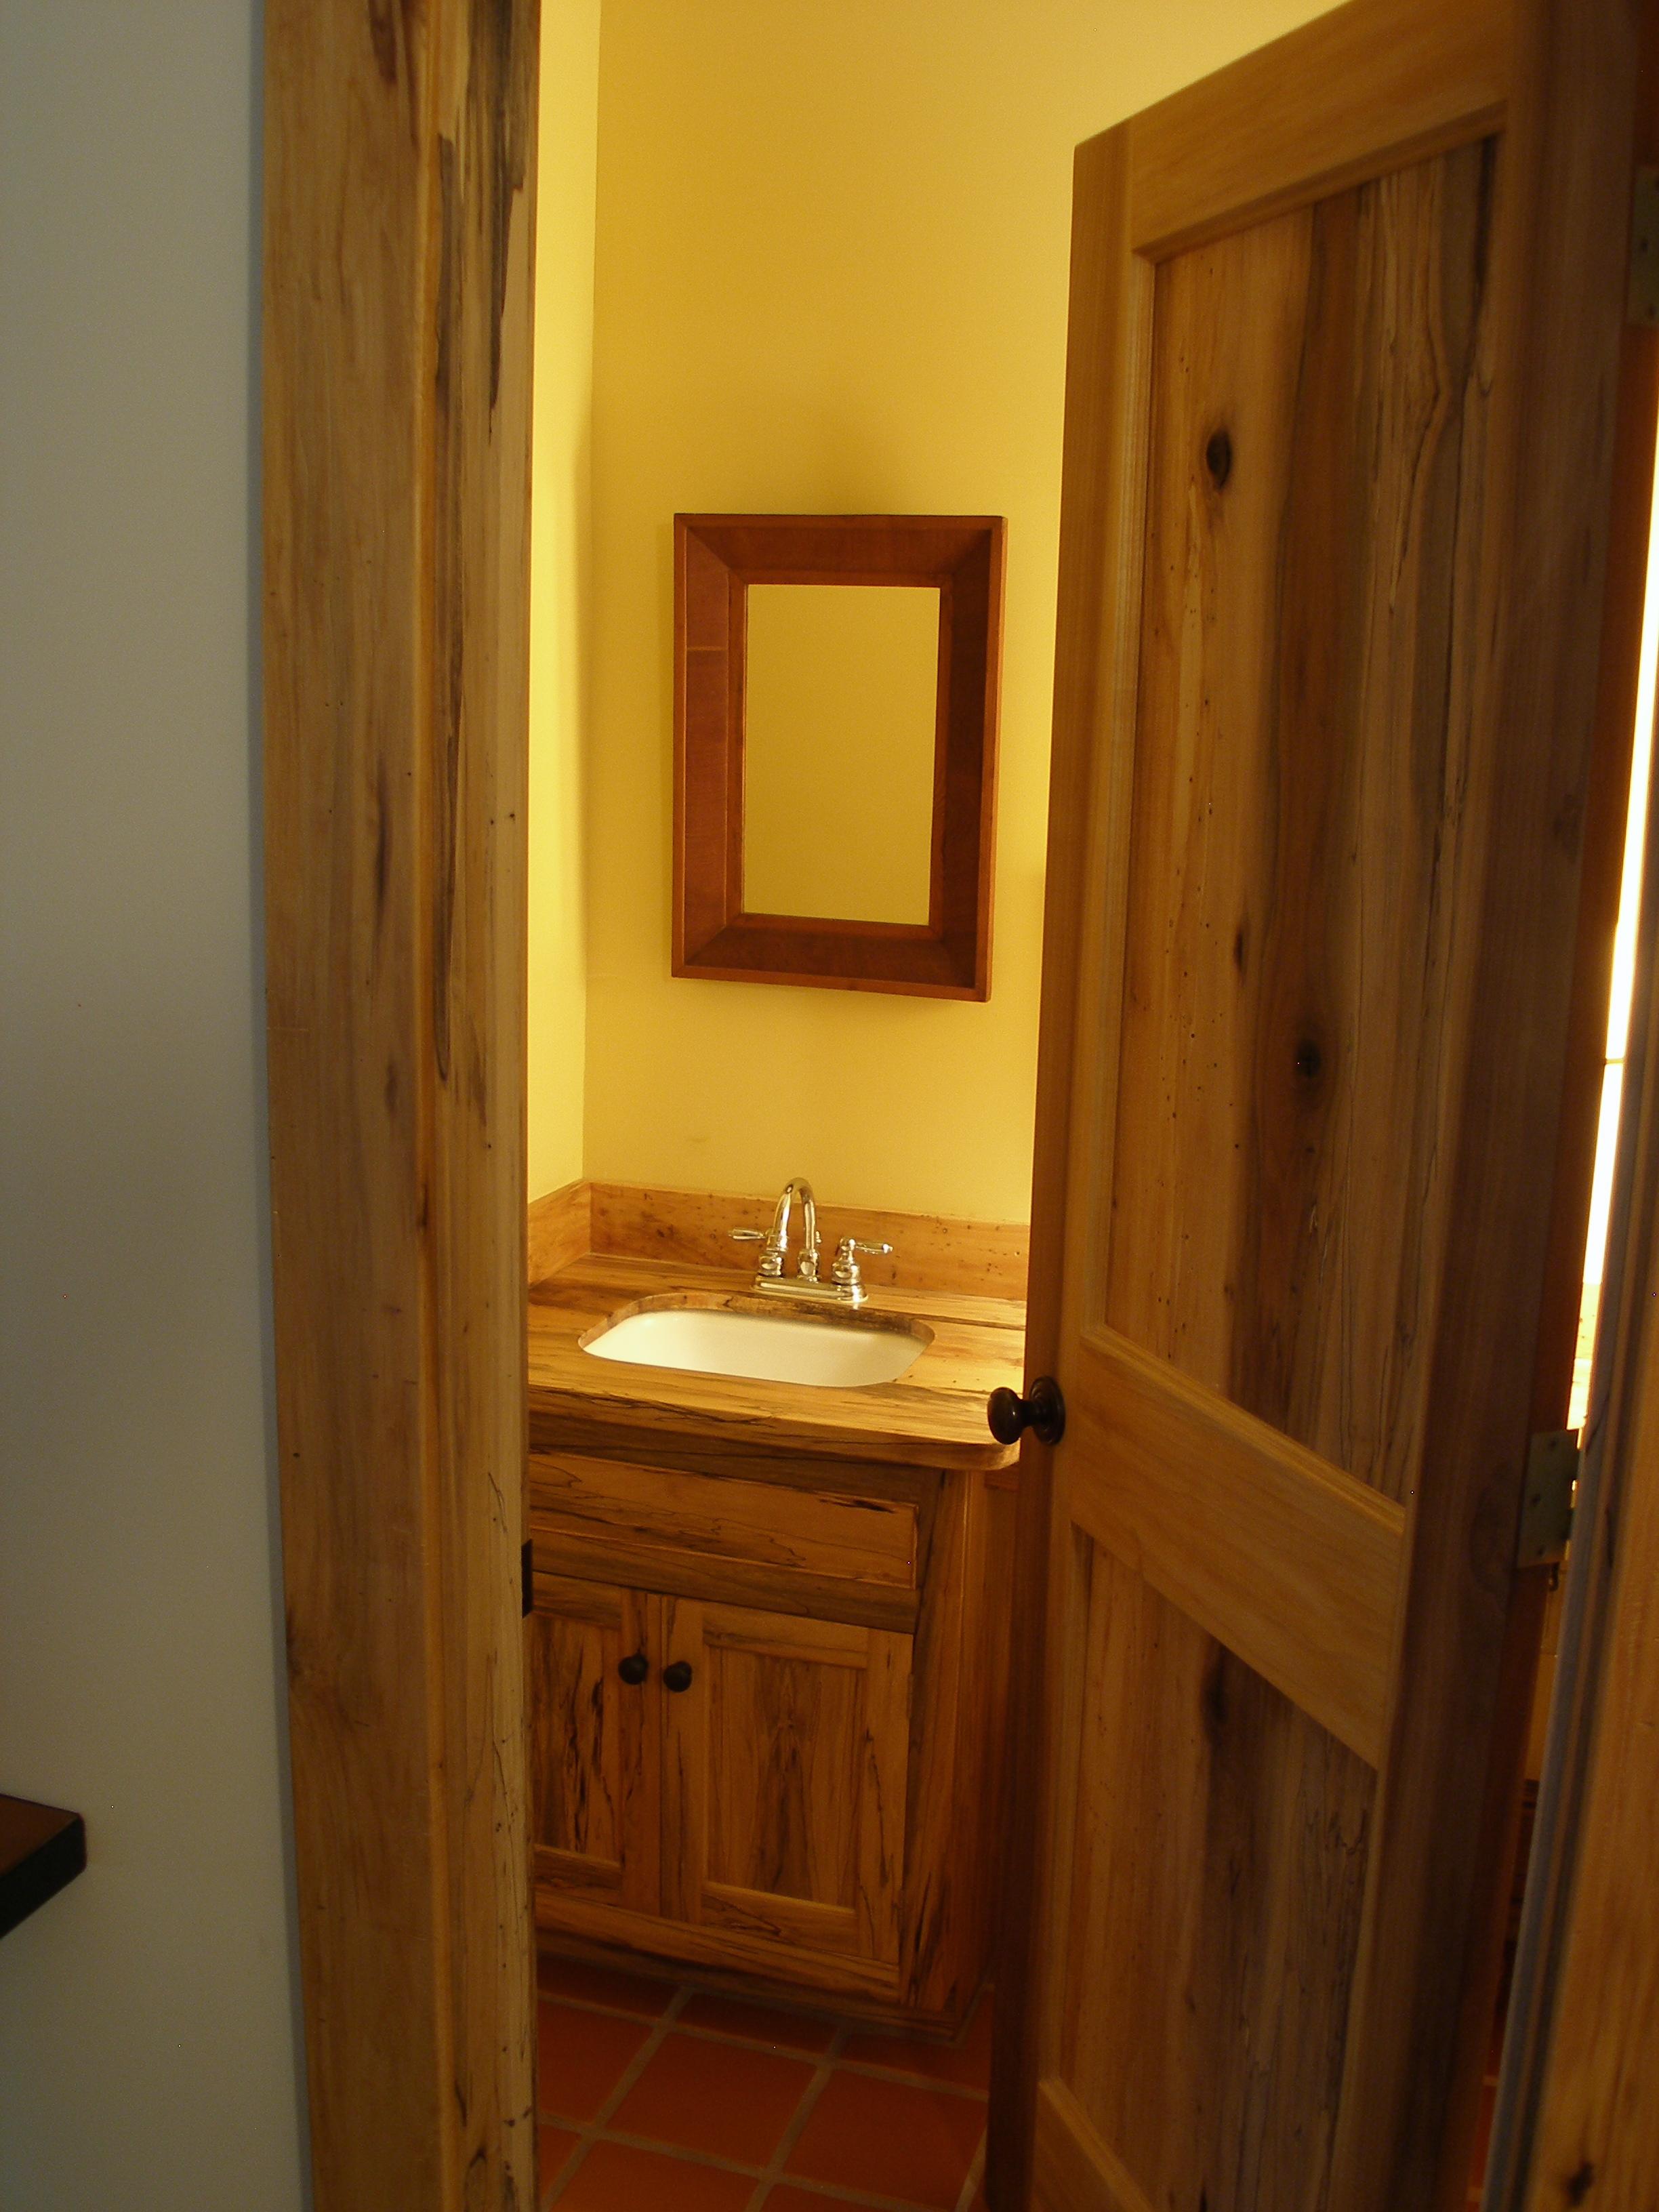 Spalted Poplar door and vanity cabinet in guest bath.